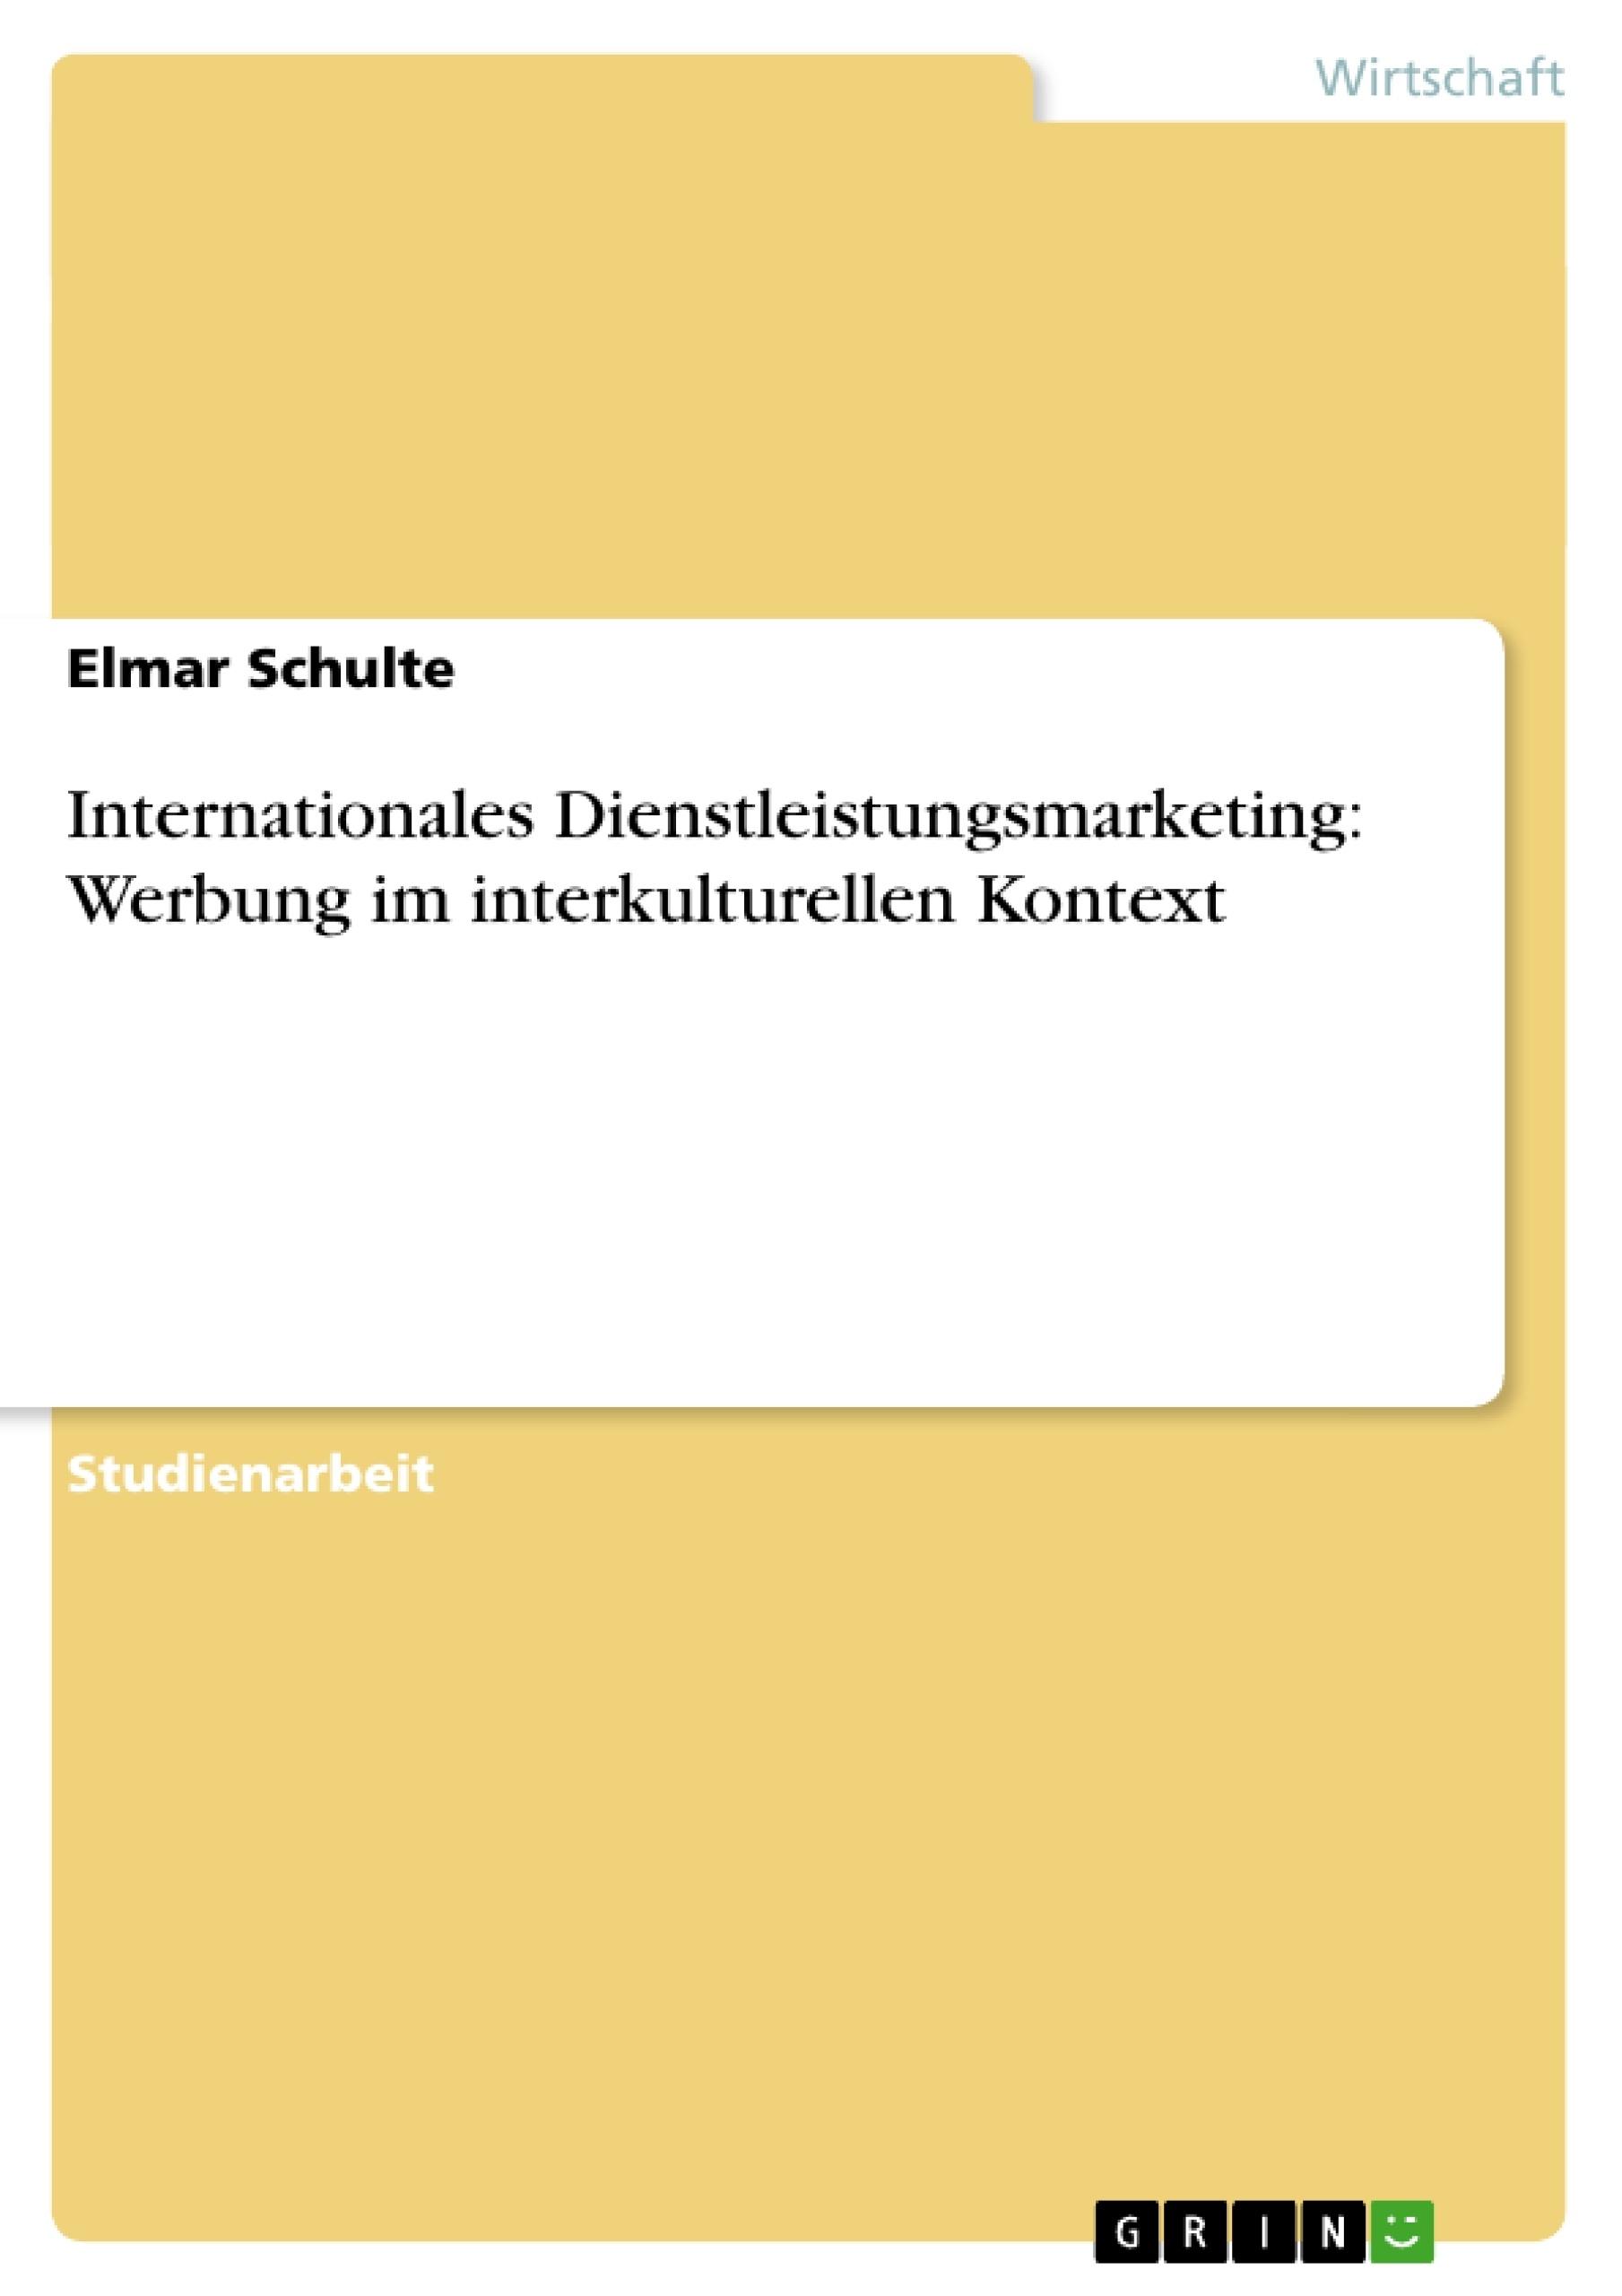 Titel: Internationales Dienstleistungsmarketing: Werbung im interkulturellen Kontext